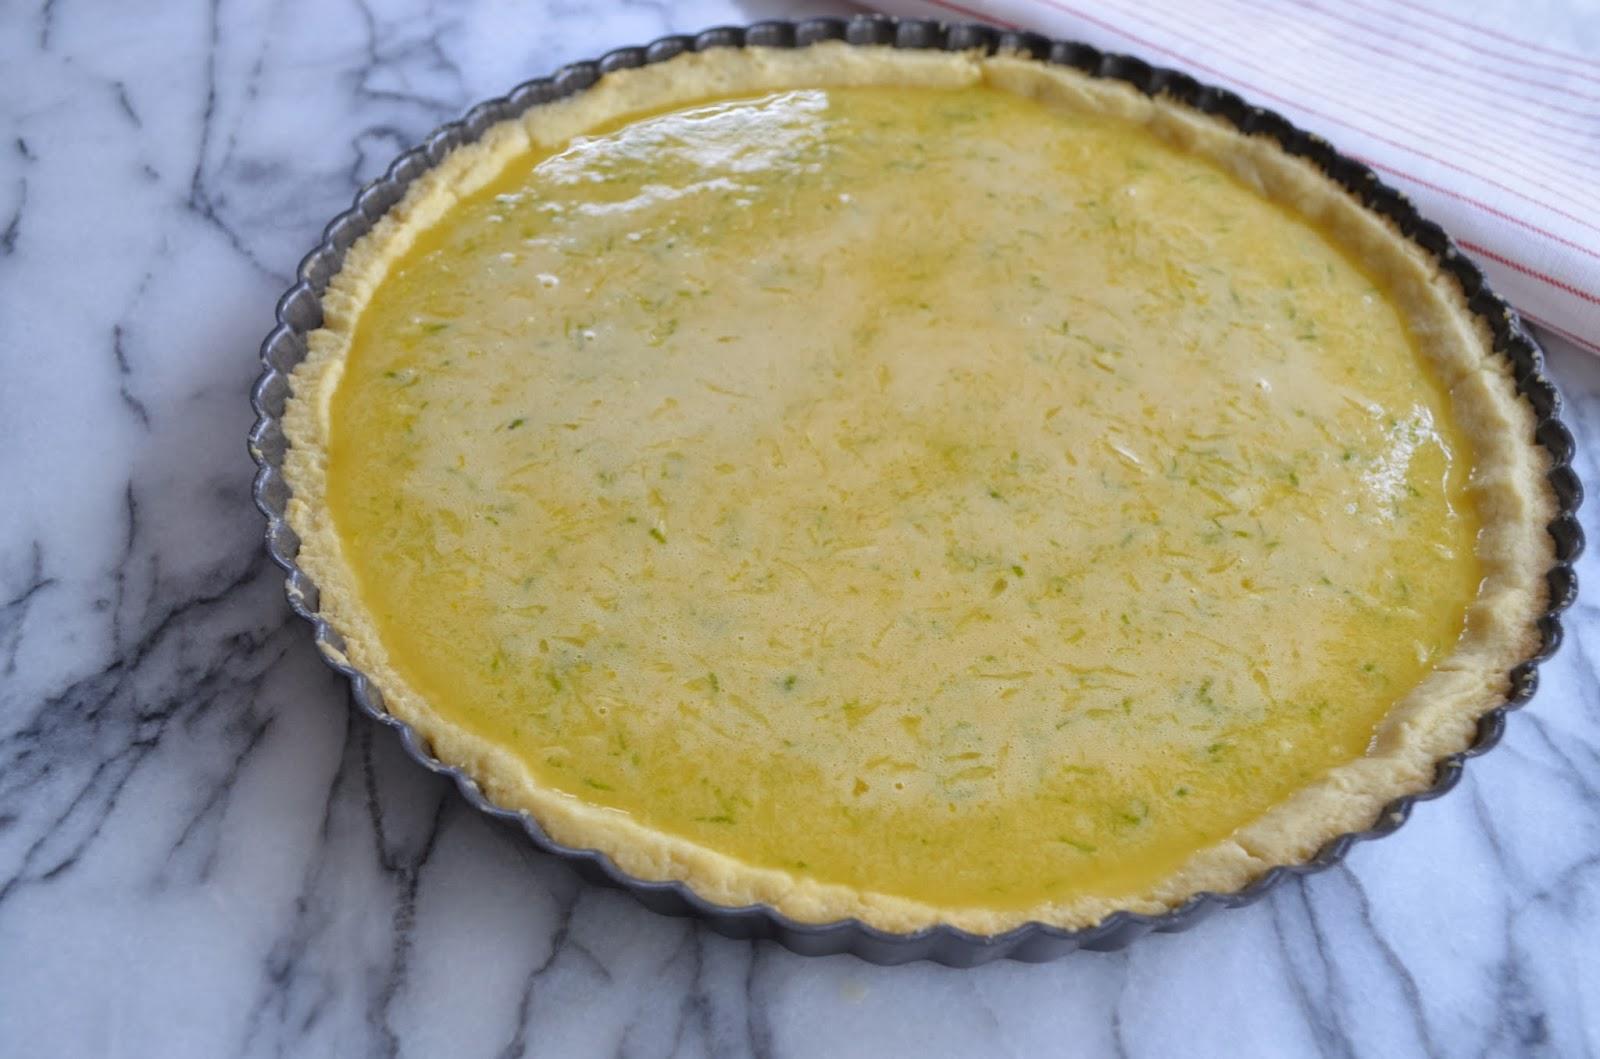 Key lime tart before baking